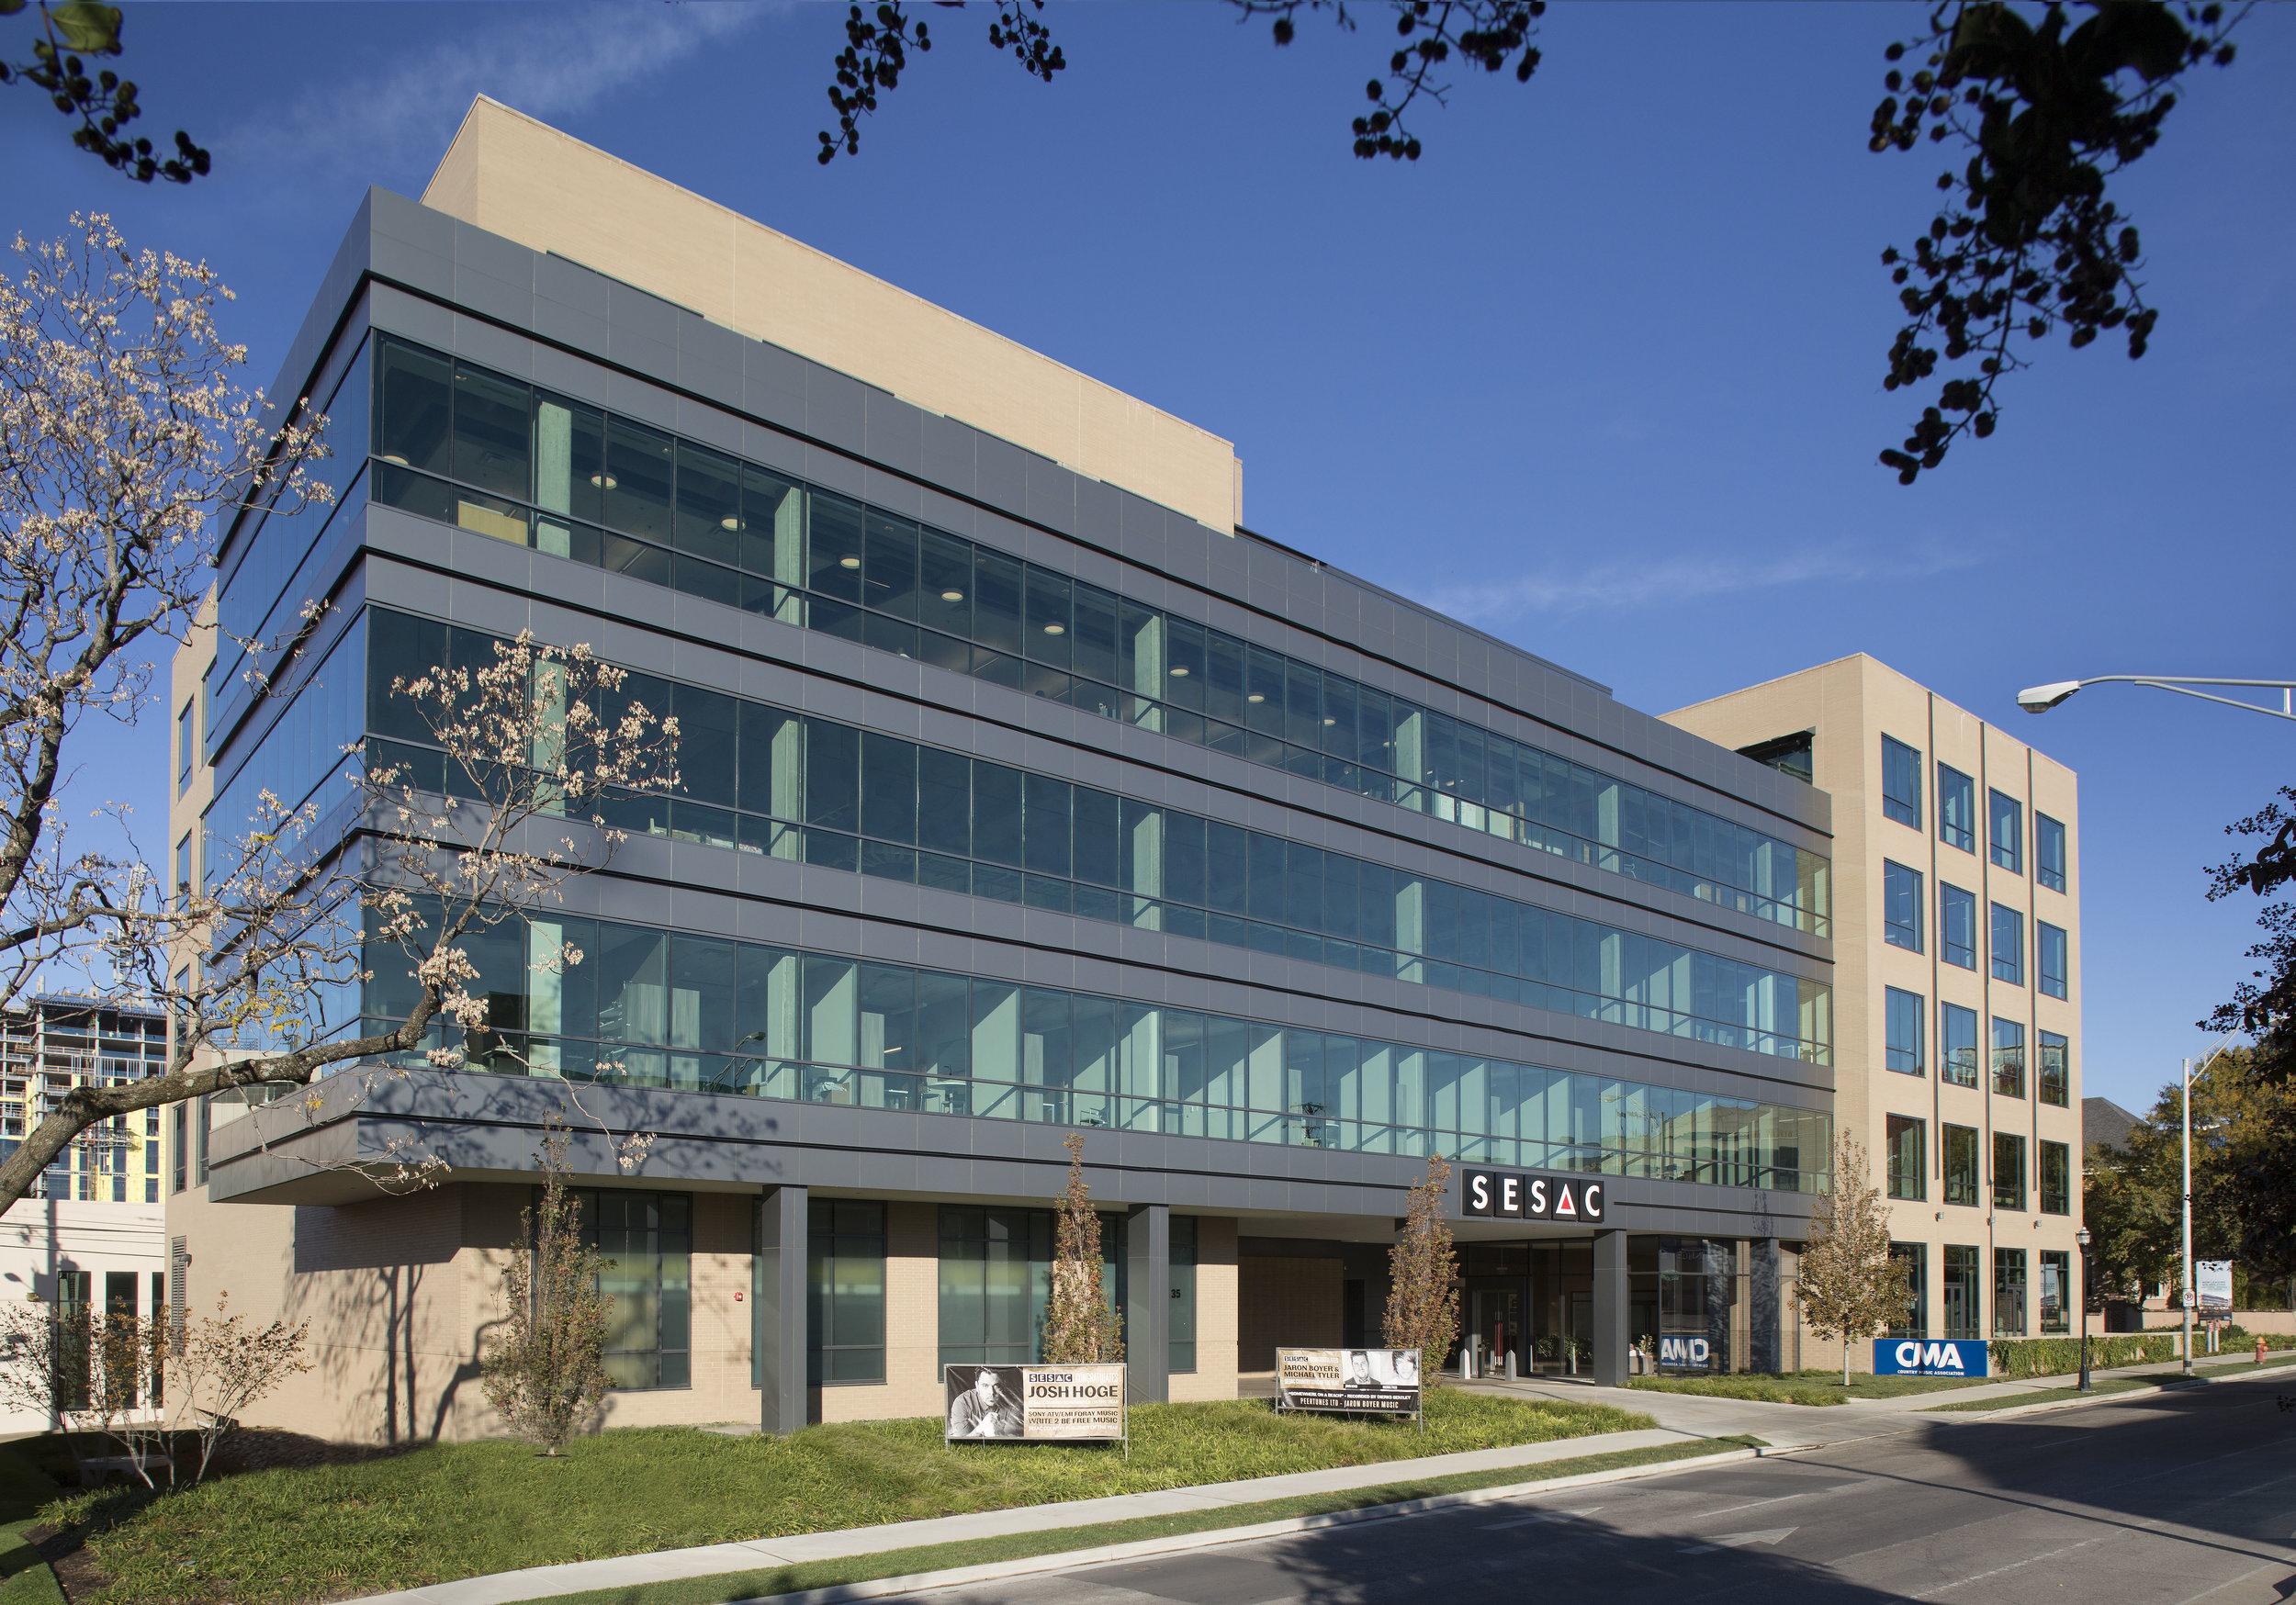 35 MSE/SESAC Global Headquarters